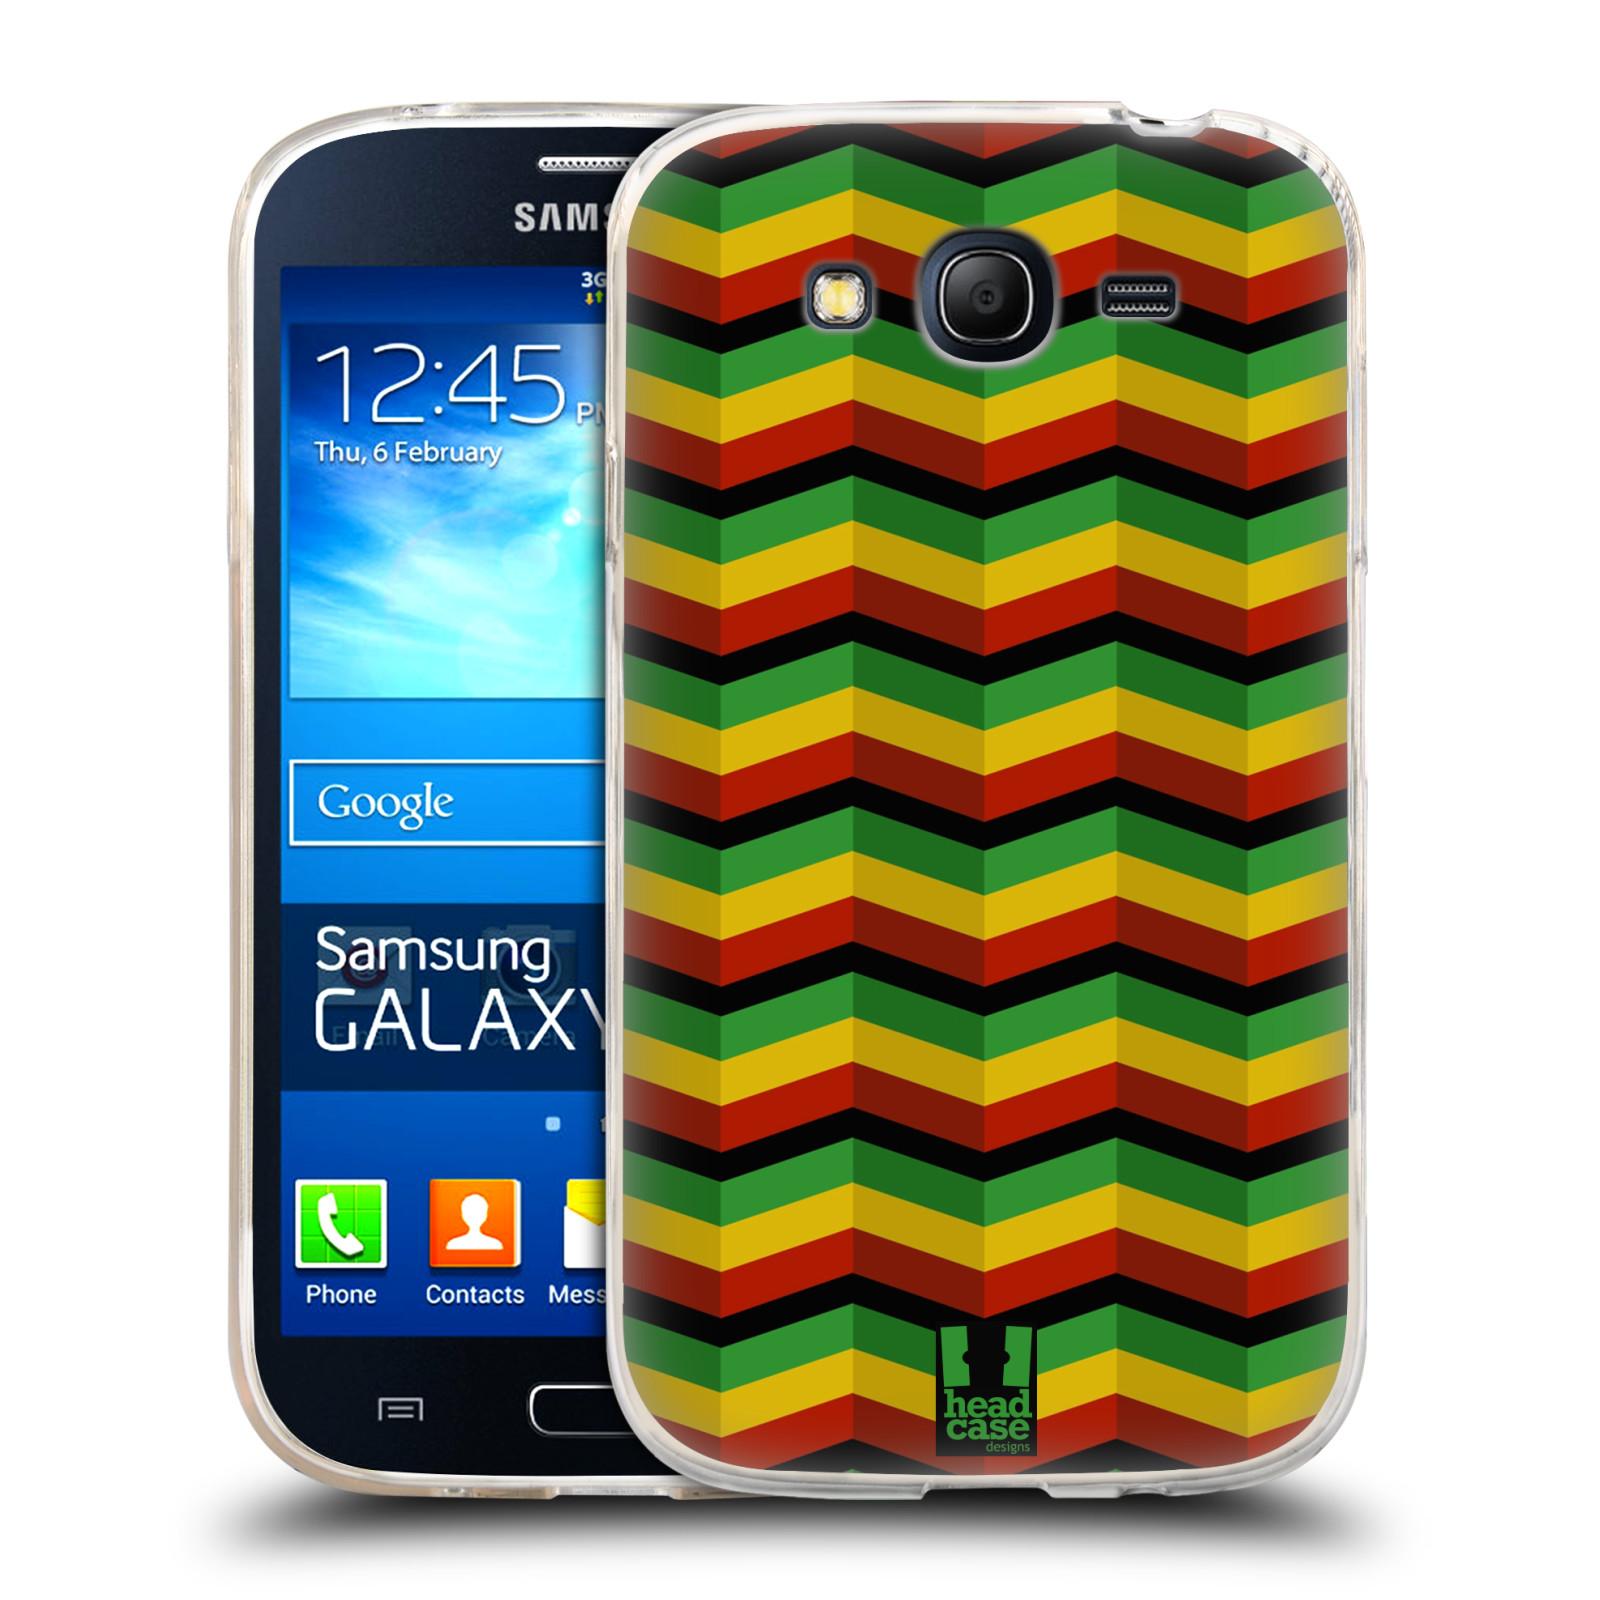 Silikonové pouzdro na mobil Samsung Galaxy Grand Neo HEAD CASE RASTA CHEVRON (Silikonový kryt či obal na mobilní telefon Samsung Galaxy Grand Neo GT-I9060)